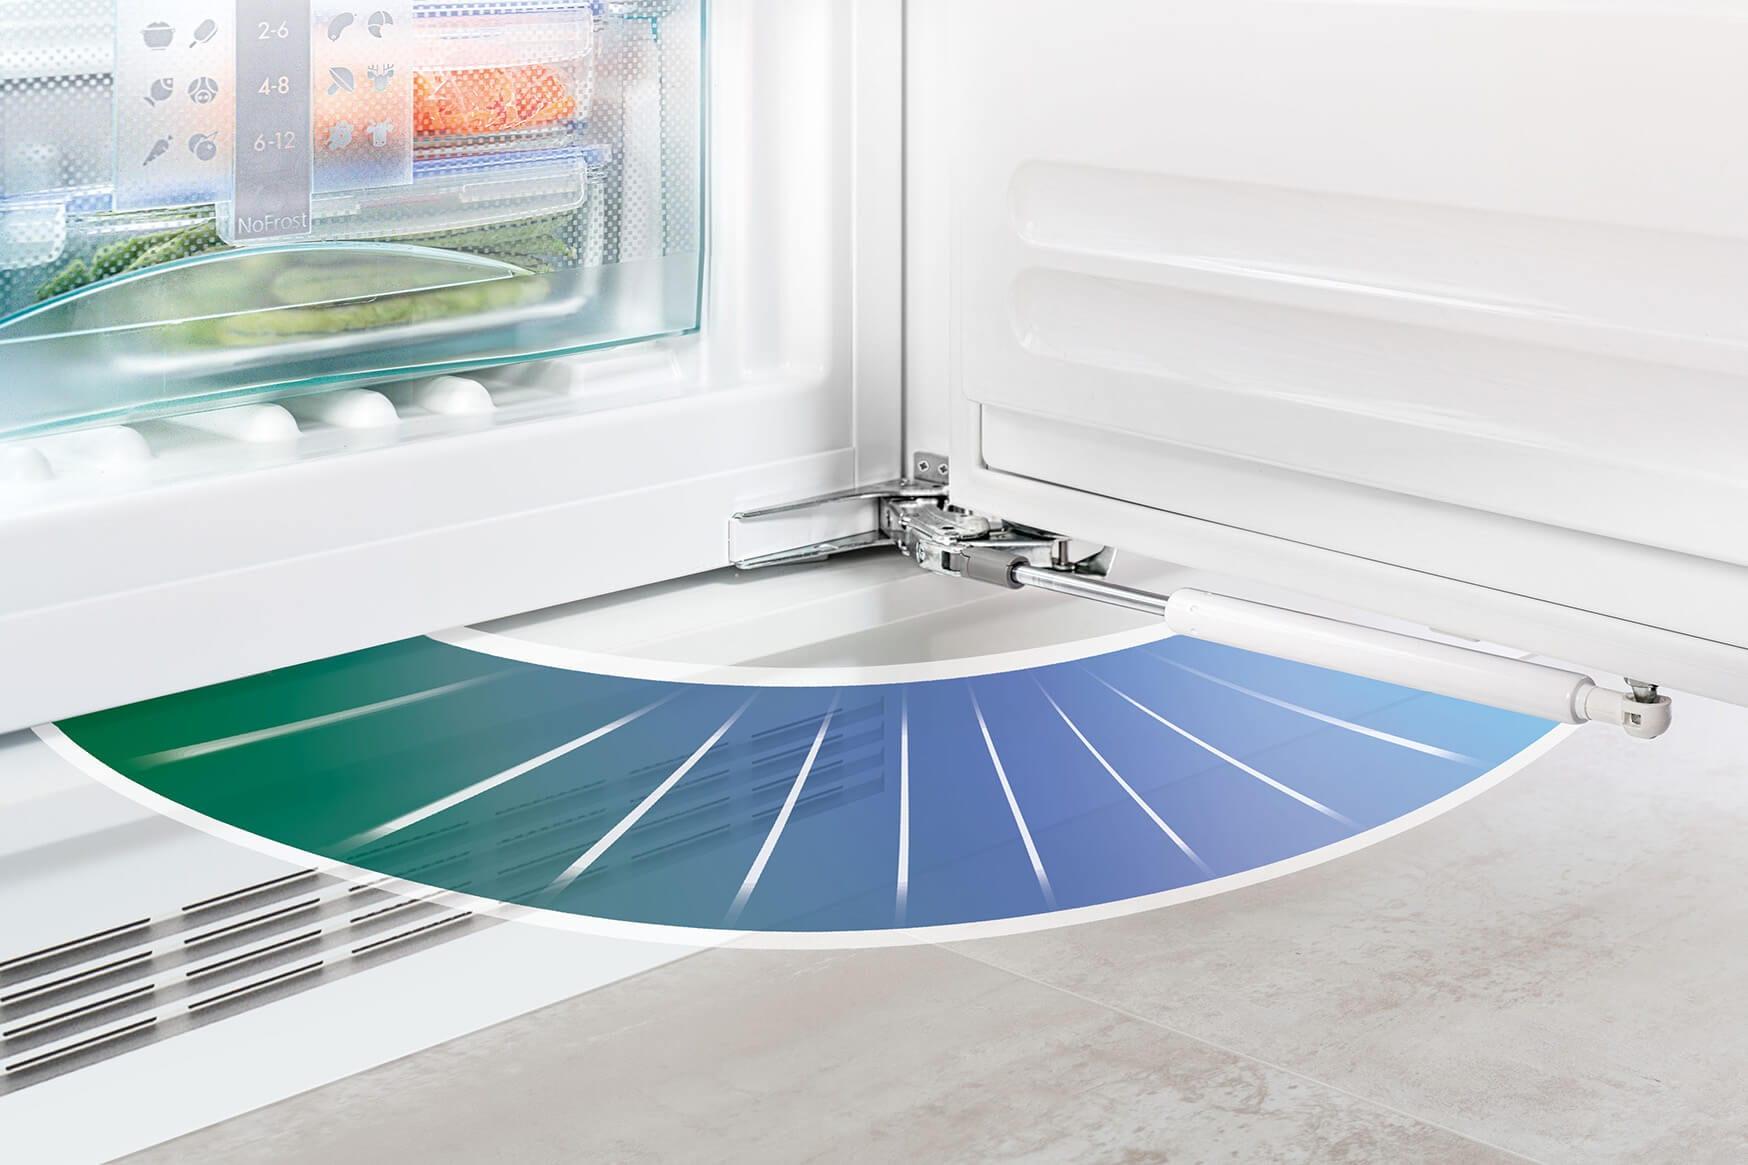 Kühlschrank Alarm Offene Tür : Darum ist die liebherr softsystem schließdämpfung so praktisch